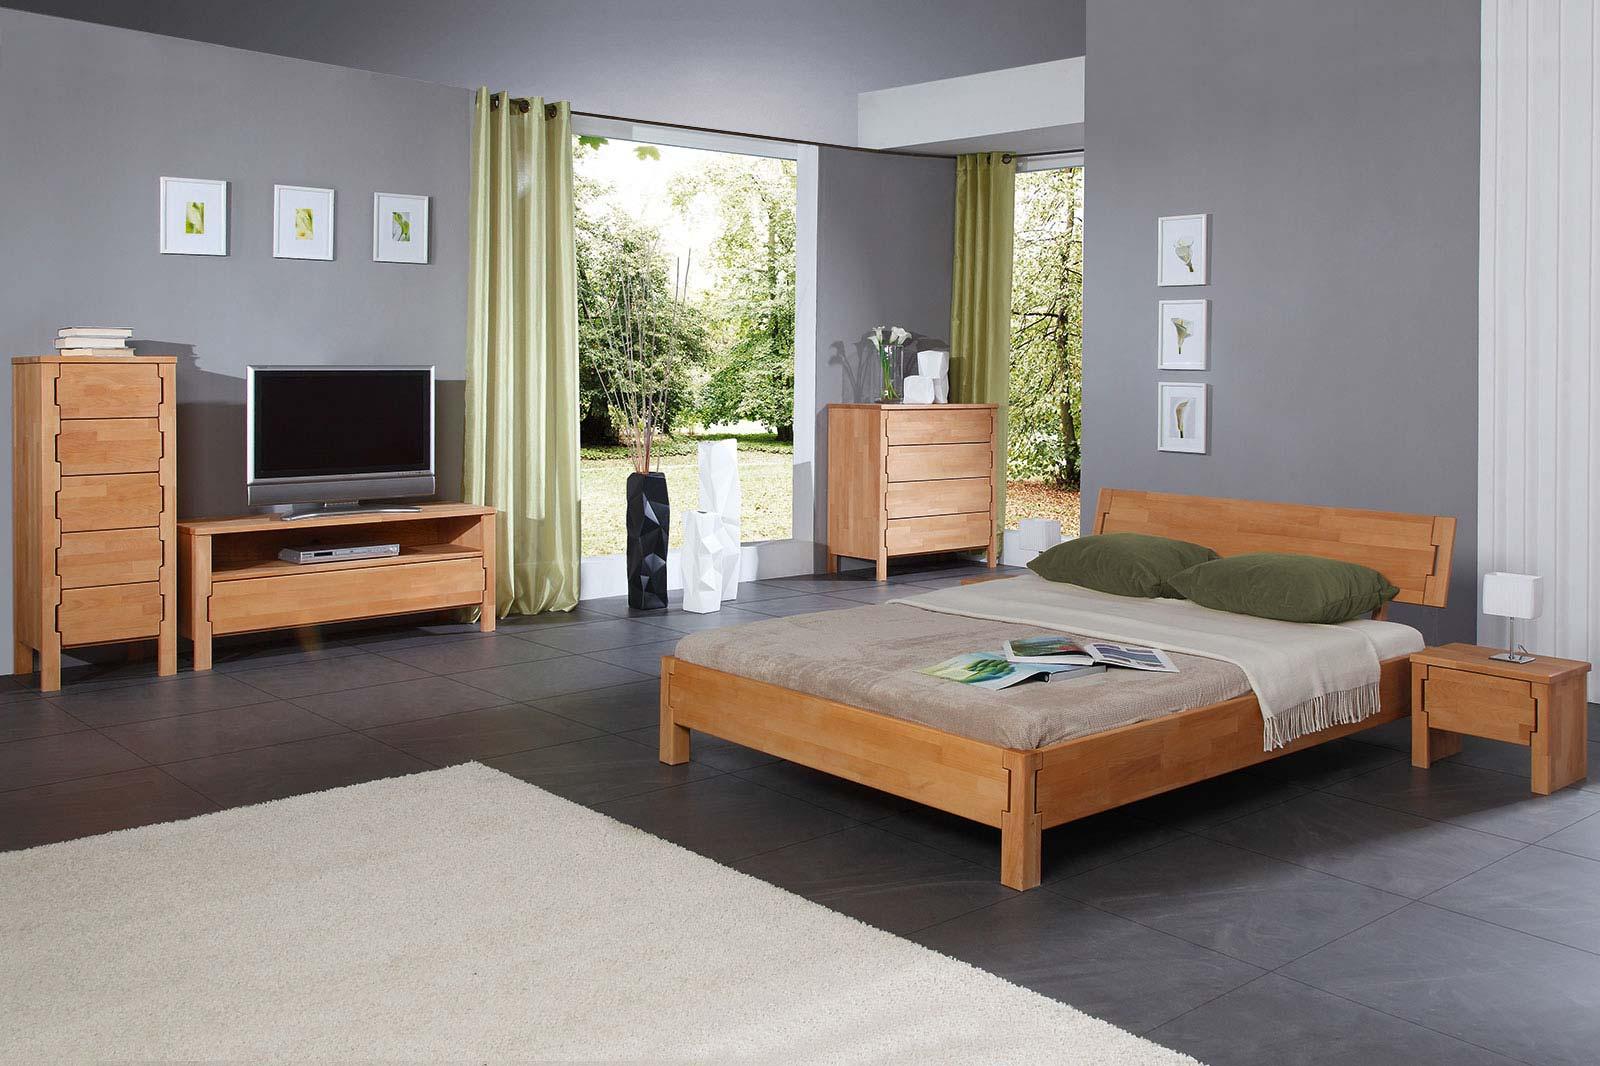 KOLI - Kolekcja mebli do sypialni z drewna litego · The Beds